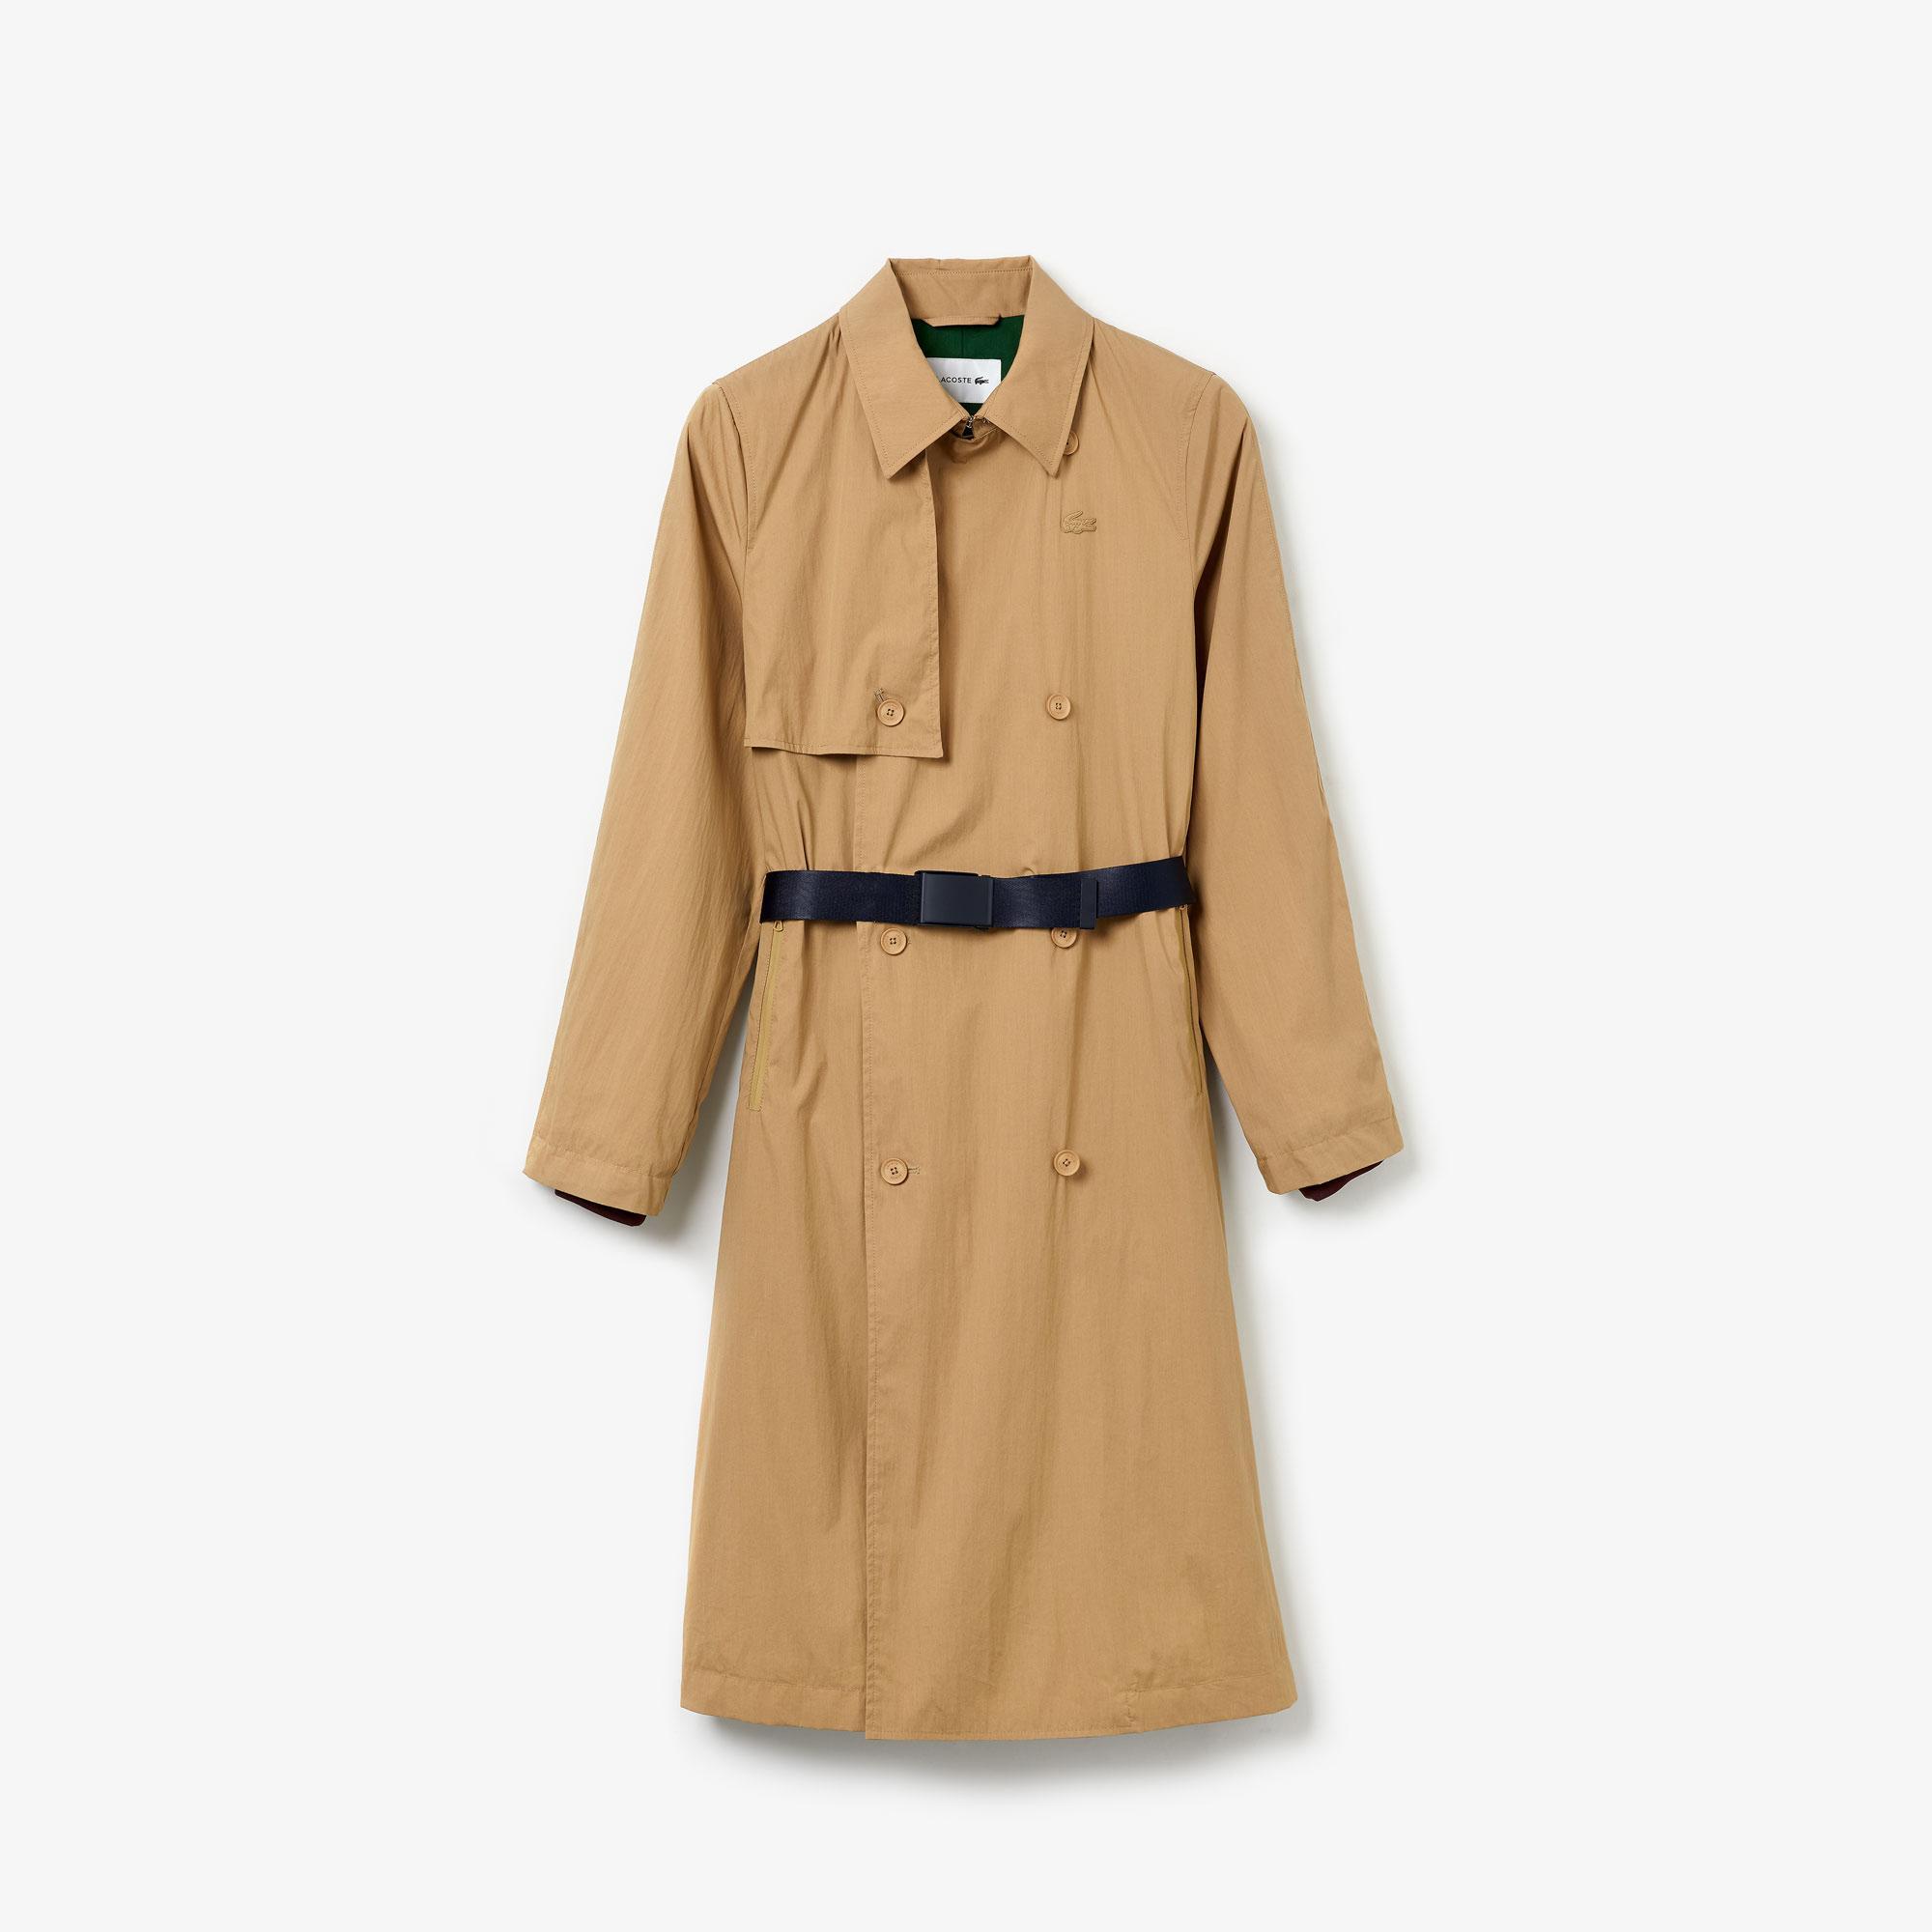 Lacoste Damski Płaszcz Typu Trencz Z Kontrastowym Paskiem